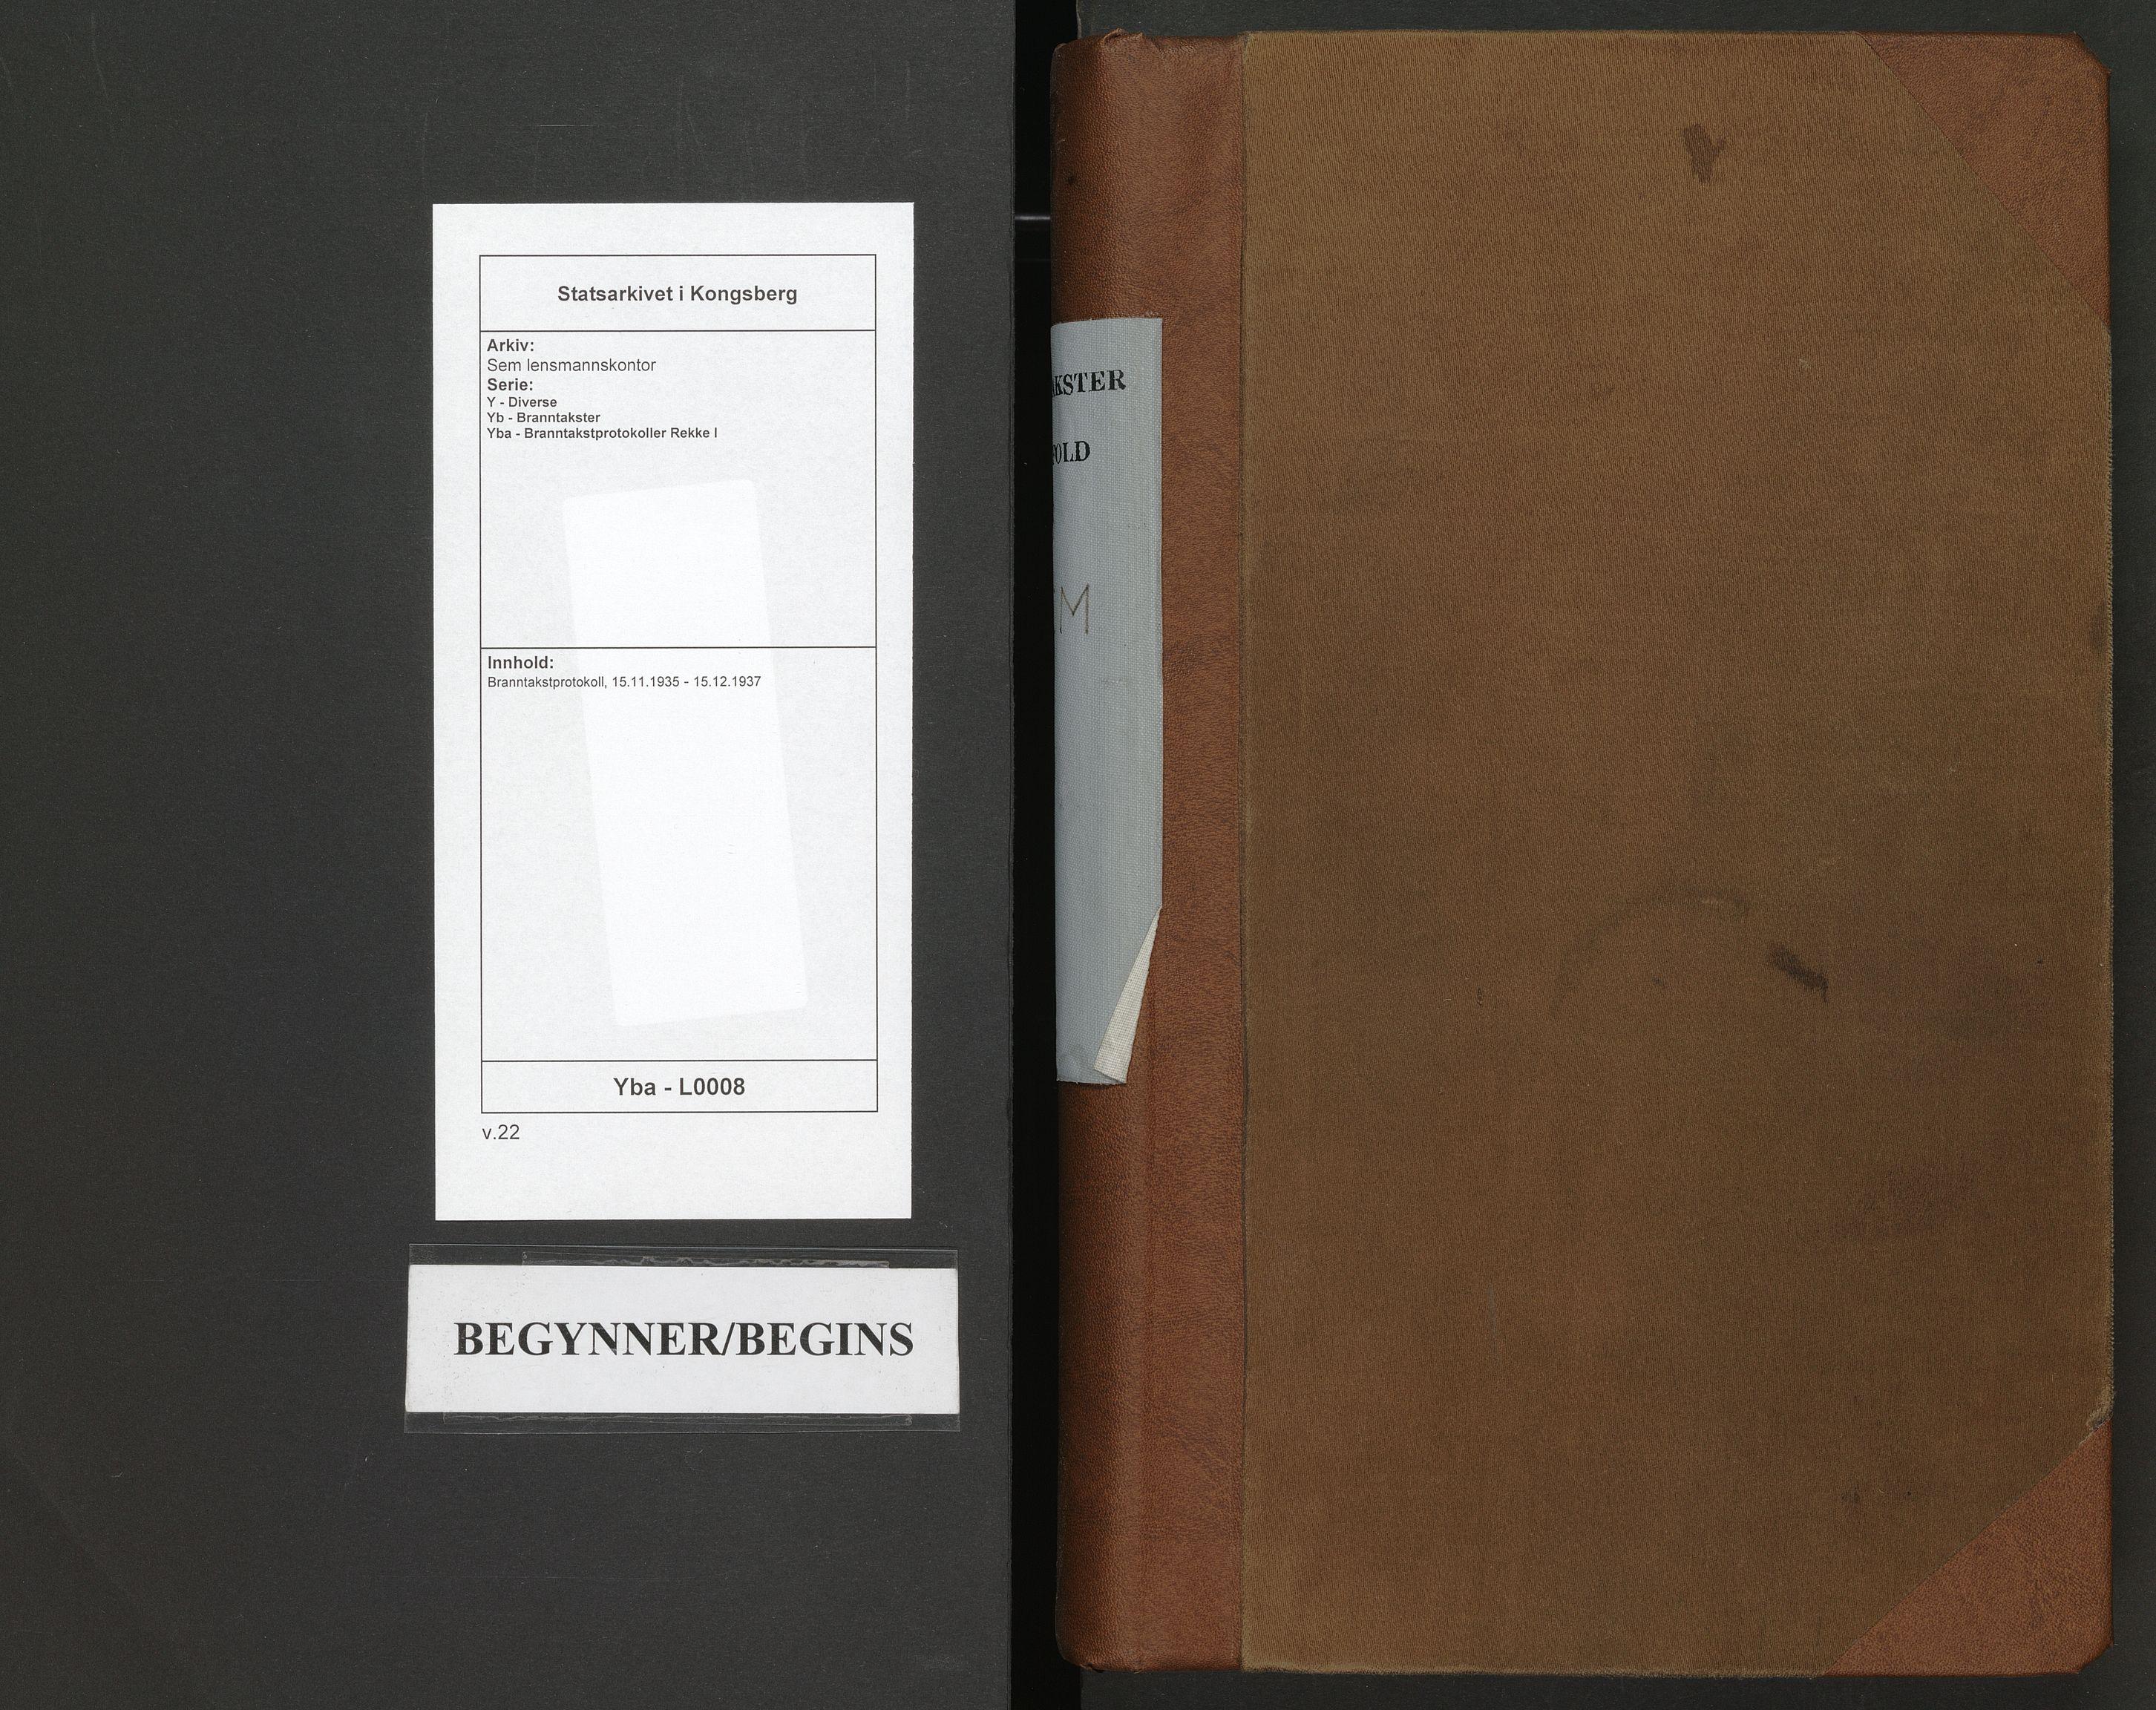 SAKO, Sem lensmannskontor, Y/Yb/Yba/L0008: Branntakstprotokoll, 1935-1937